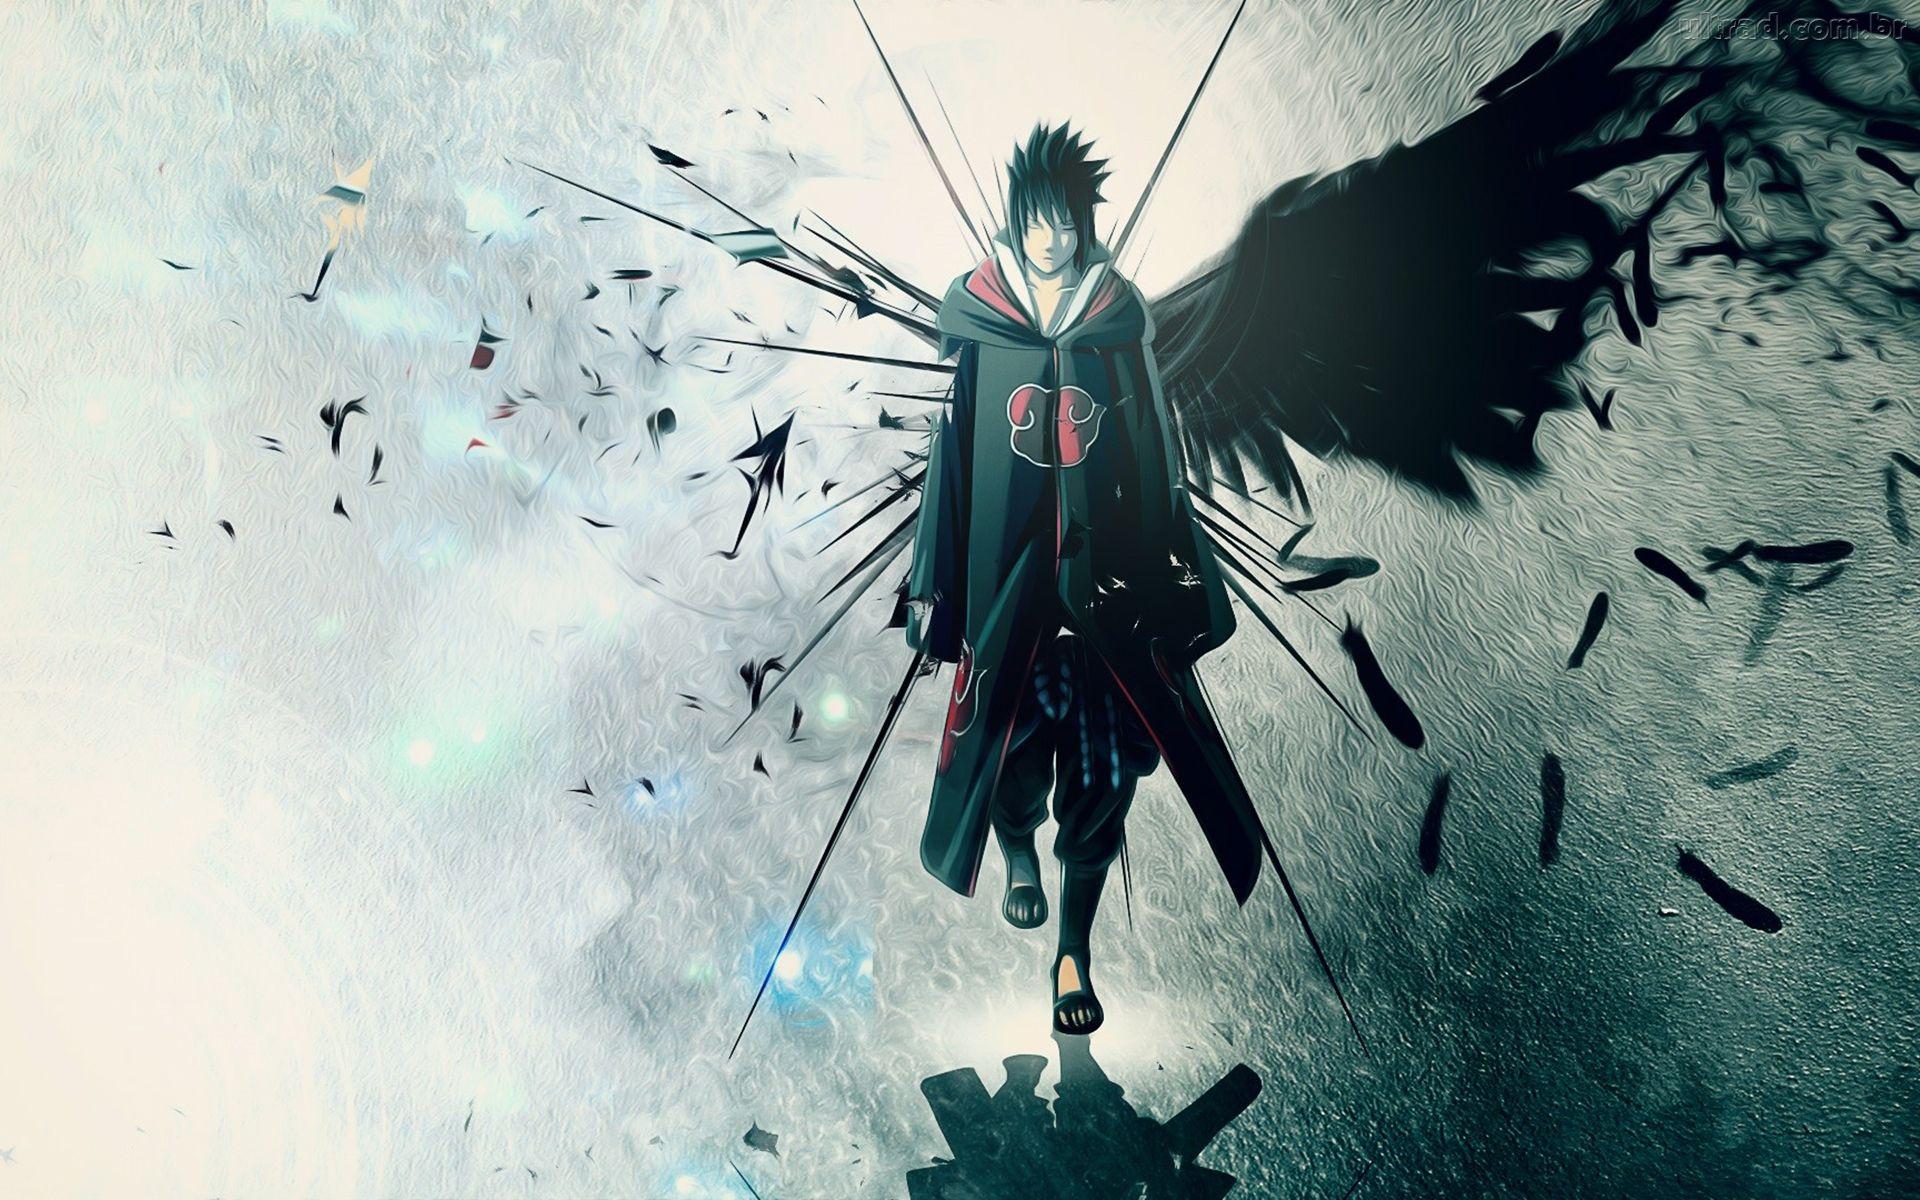 Uchiha Sasuke Wallpaper Background 5602 Wallpaper 1920x1200